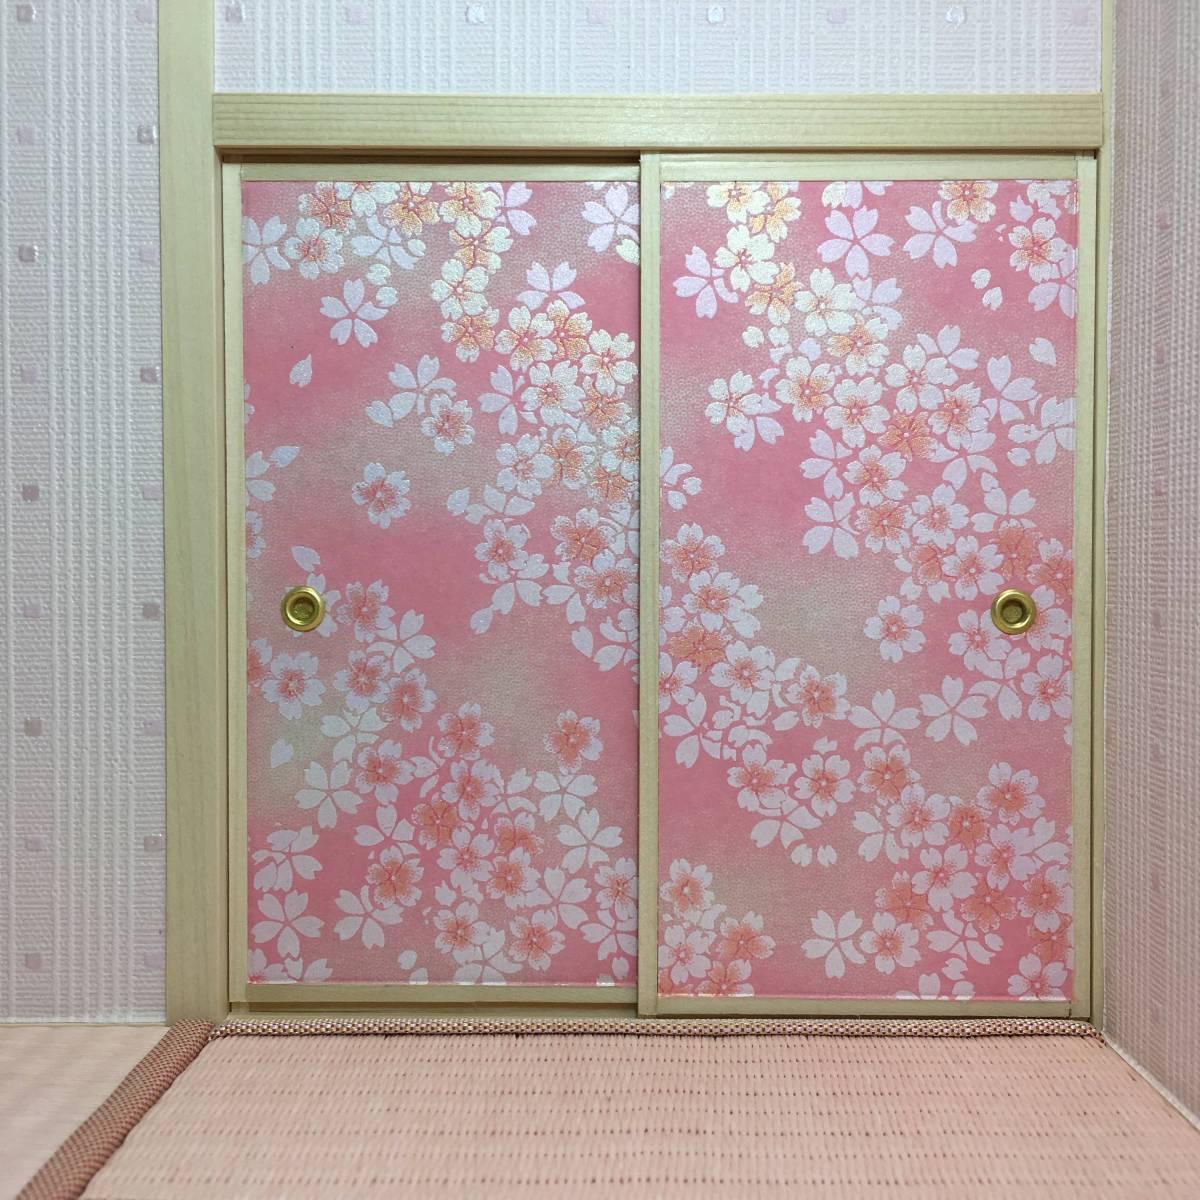 ドールハウス 和室 和風 畳部屋 1/12 サイズ ピンク ポップ桜の間。プチブライス ピコニーモ あまむす オビツ11のミニチュア人形装飾撮影等_画像7